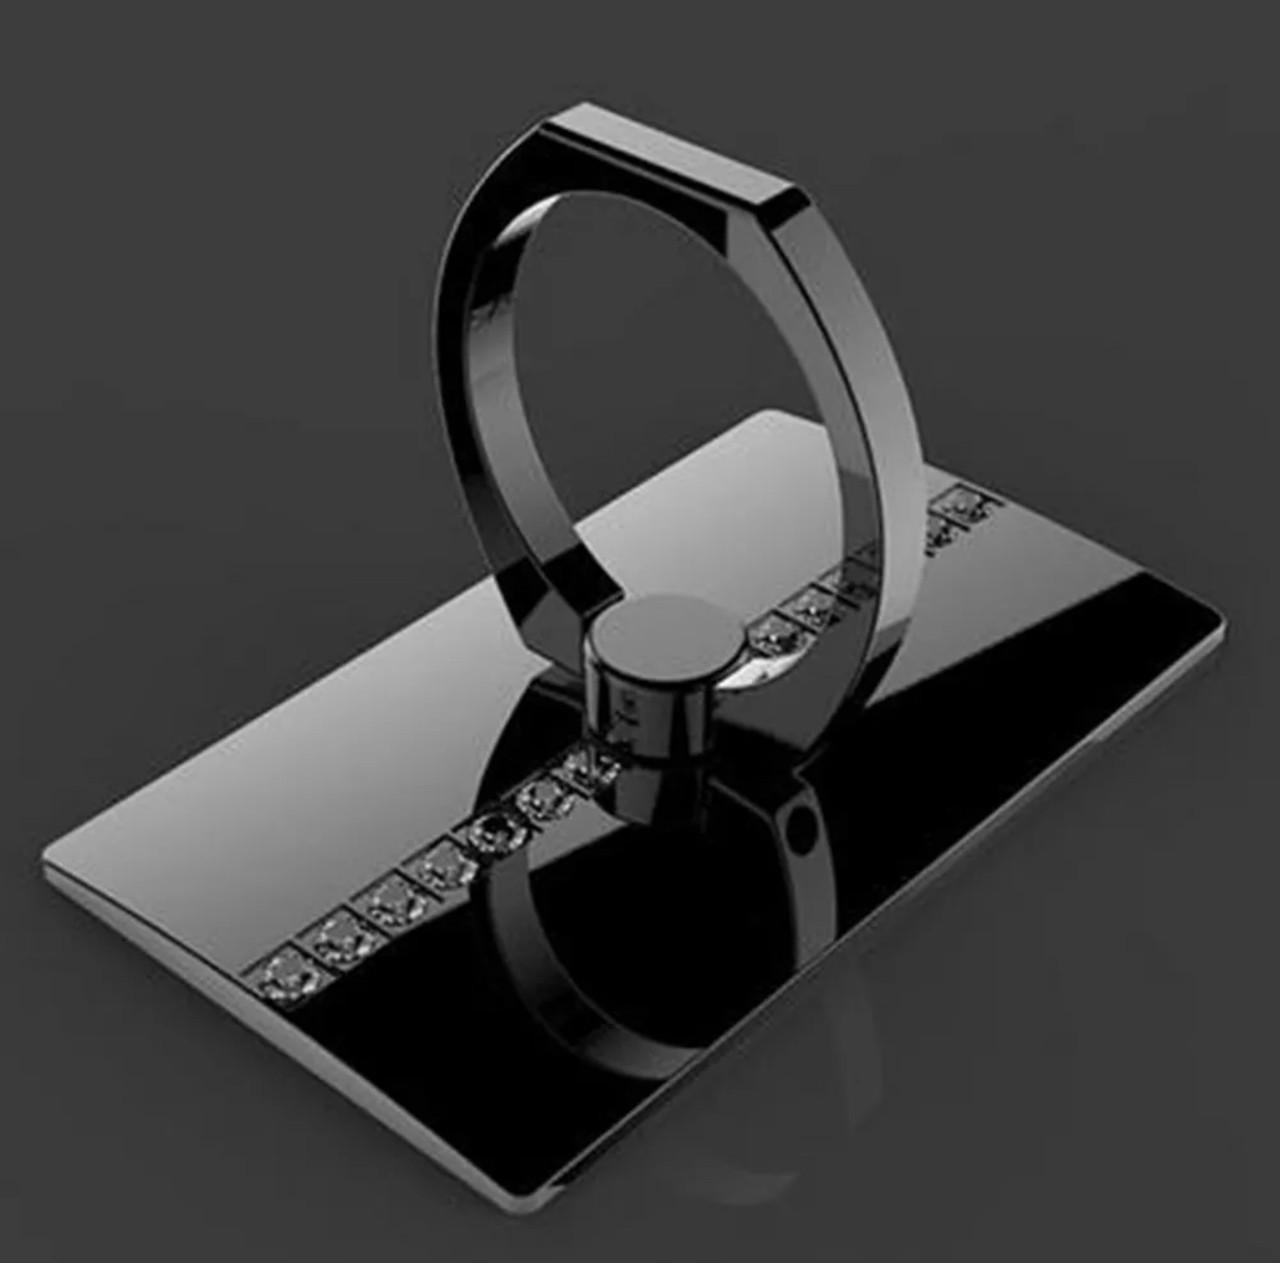 Кольцо-подставка/попсокет для телефона «Lady style» со стразами в черном цвете